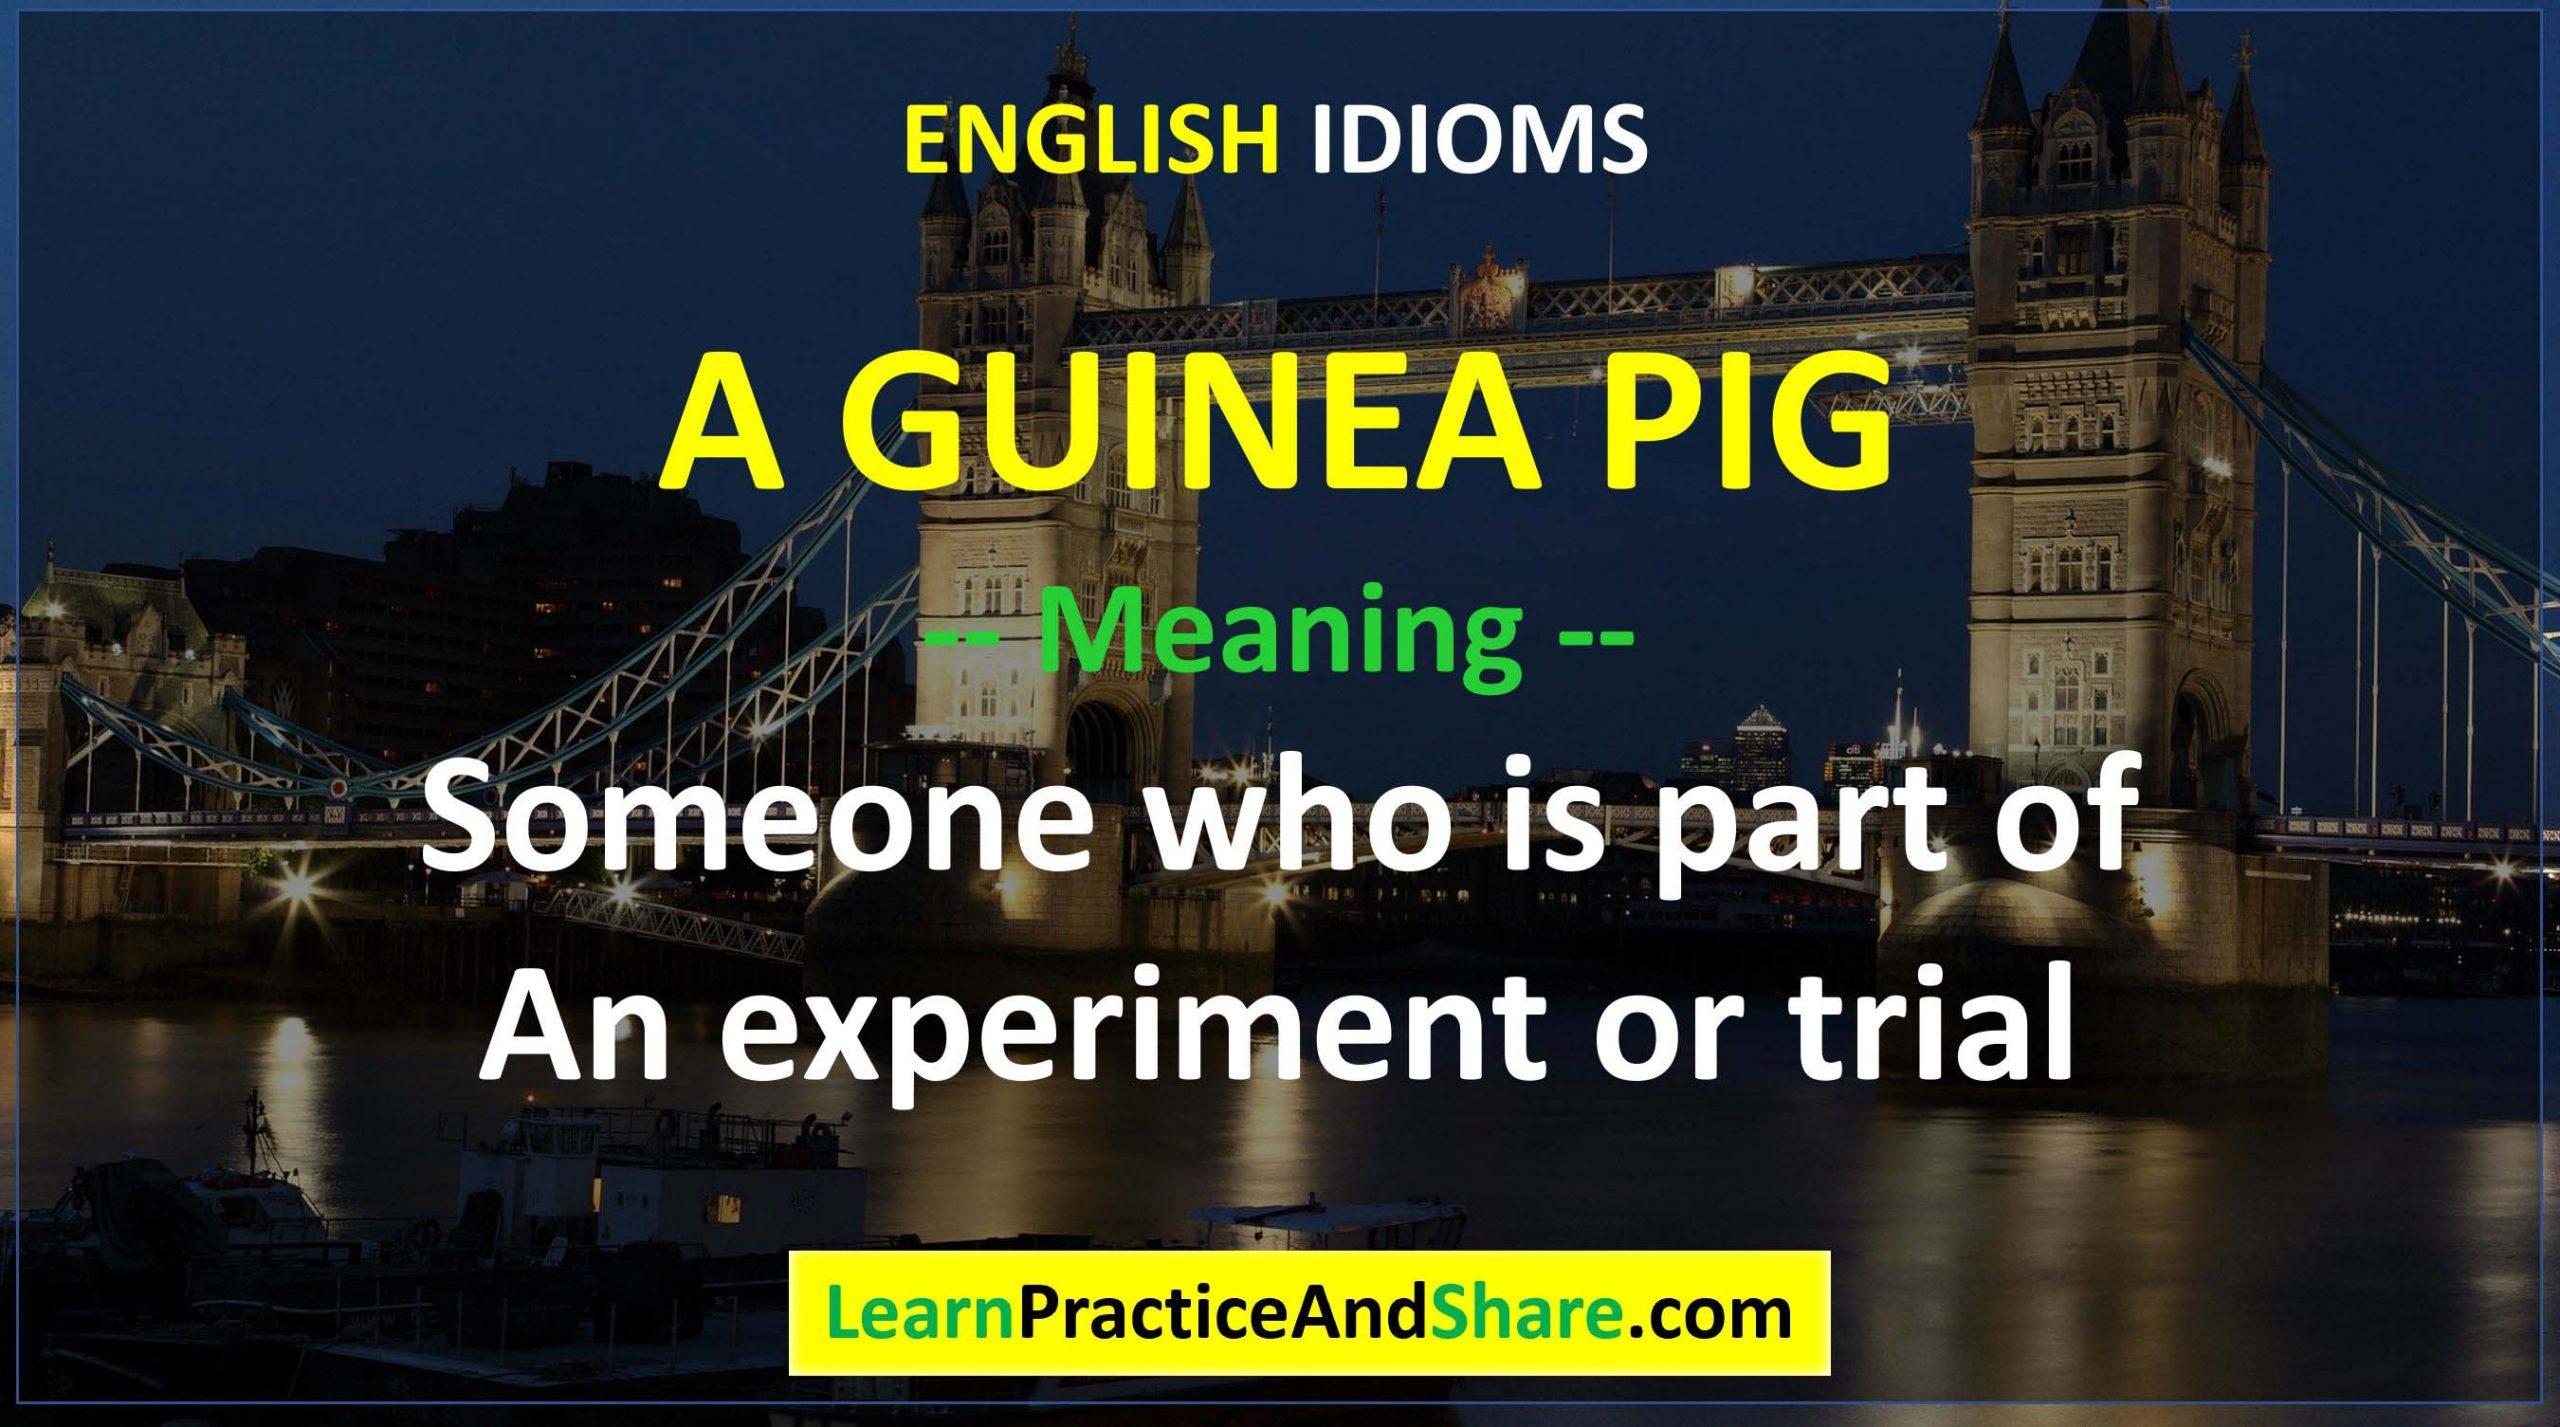 English Idiom - A Guinea Pig